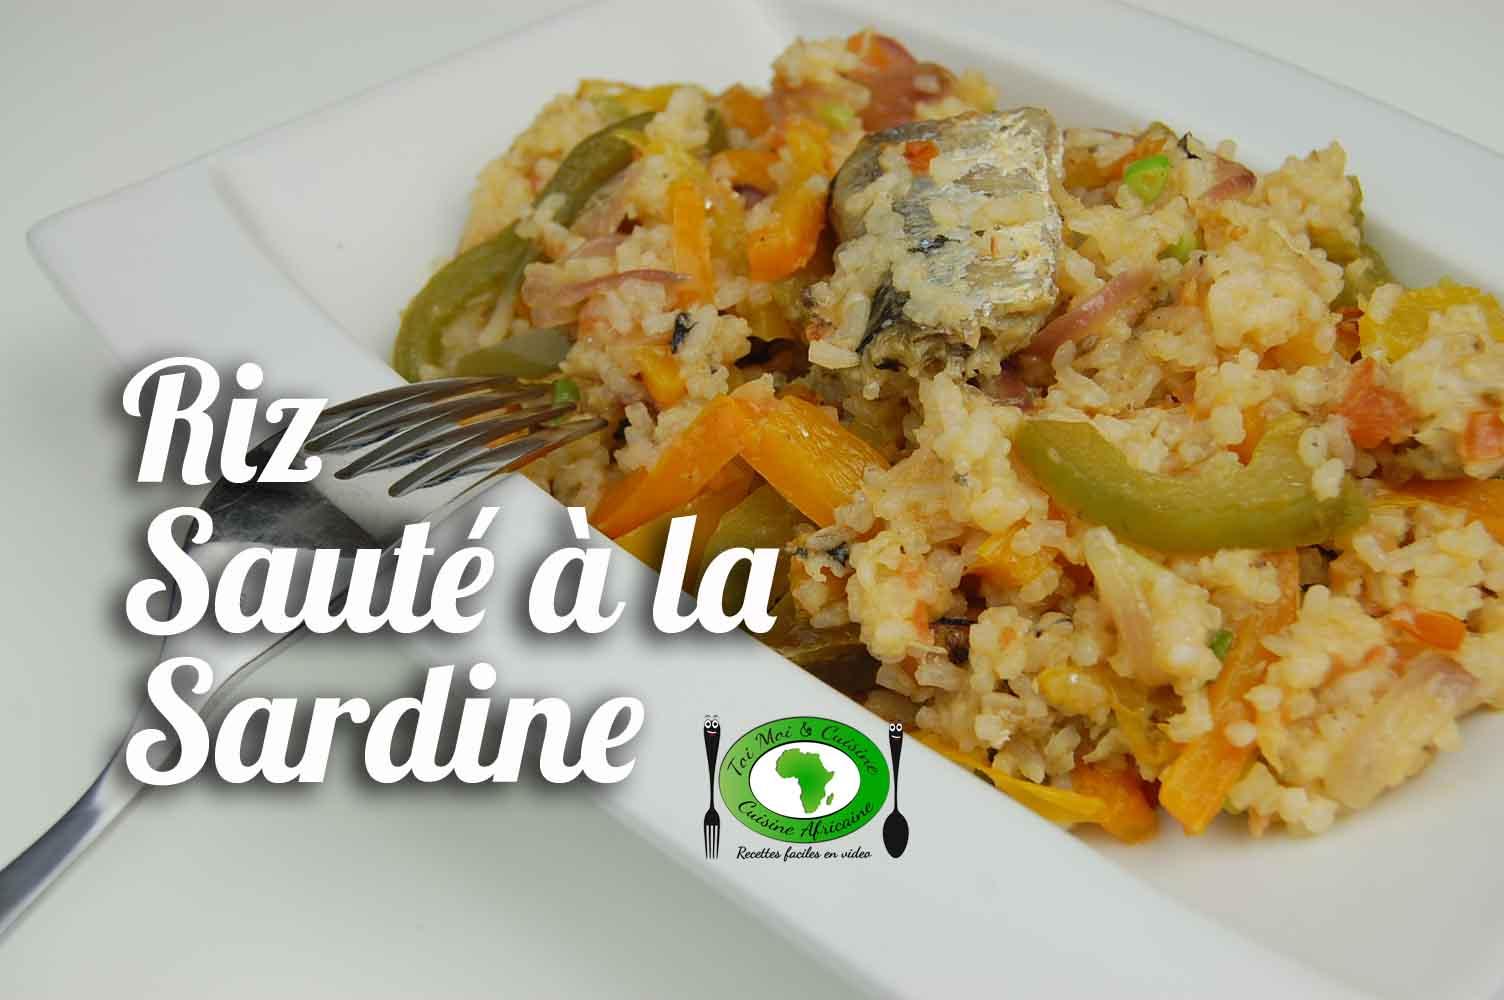 Africaine toi moi cuisine for Africaine cuisine